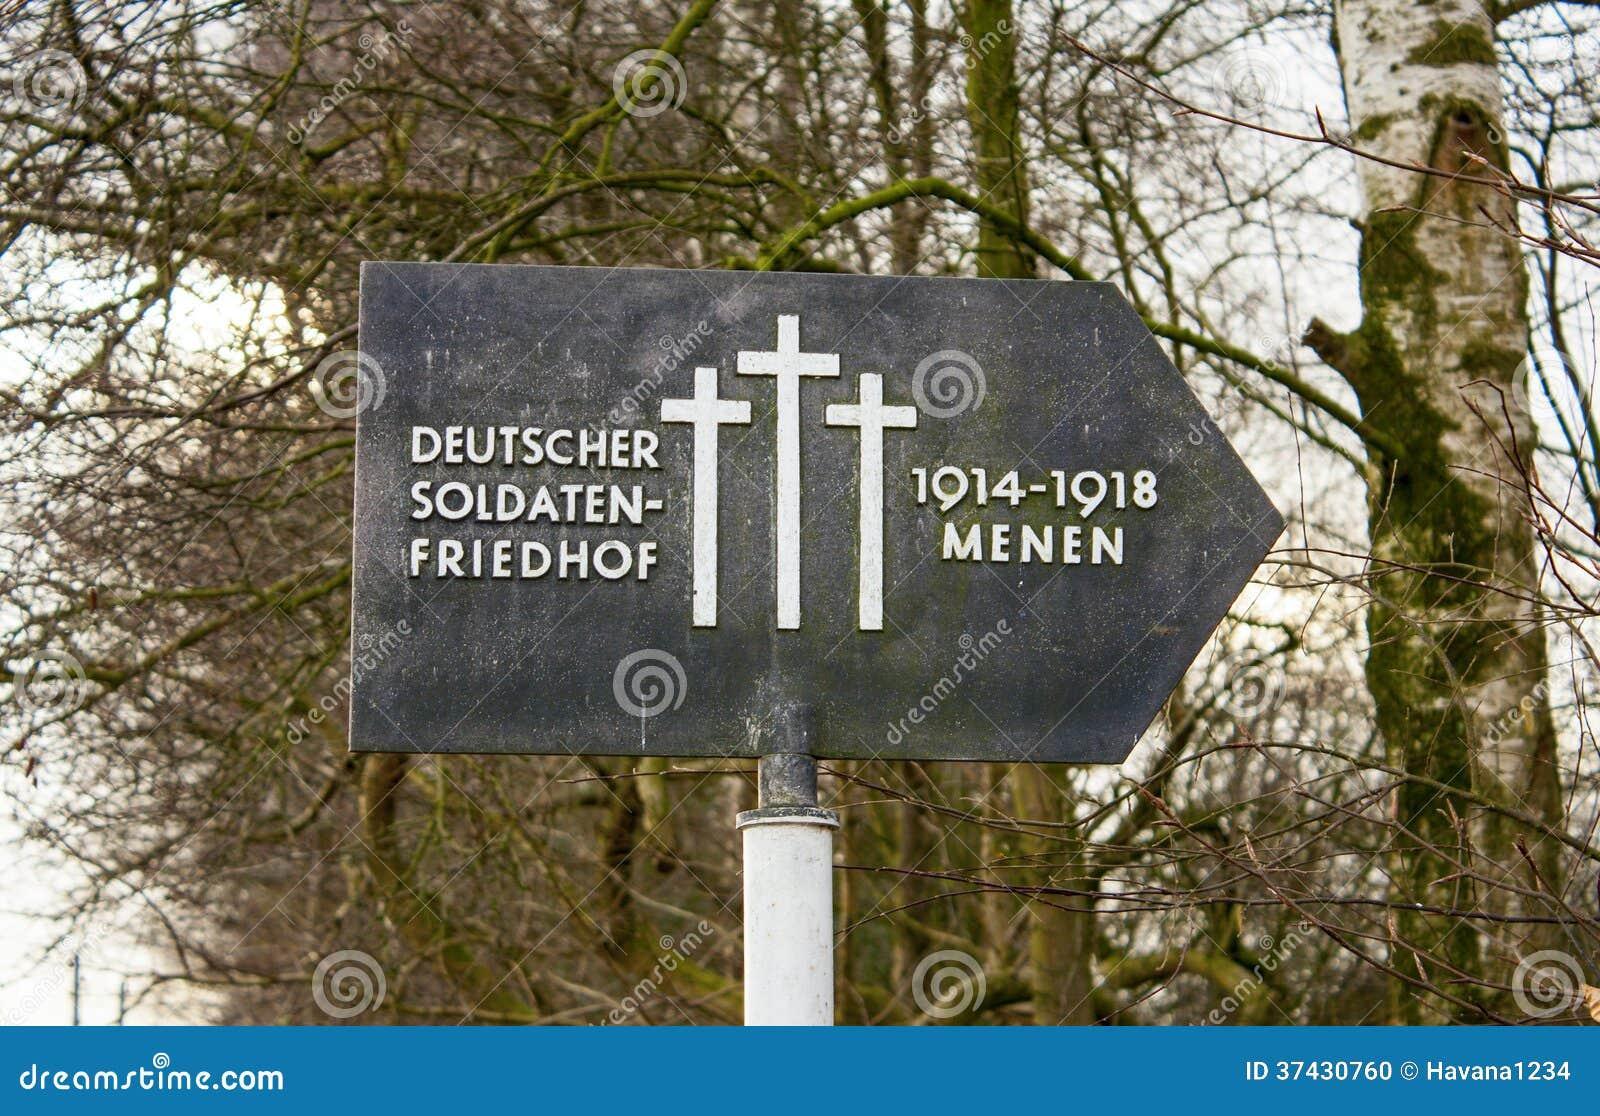 Το γερμανικό νεκροταφείο friedhof στους τομείς της Φλαμανδικής περιοχής το Βέλγιο